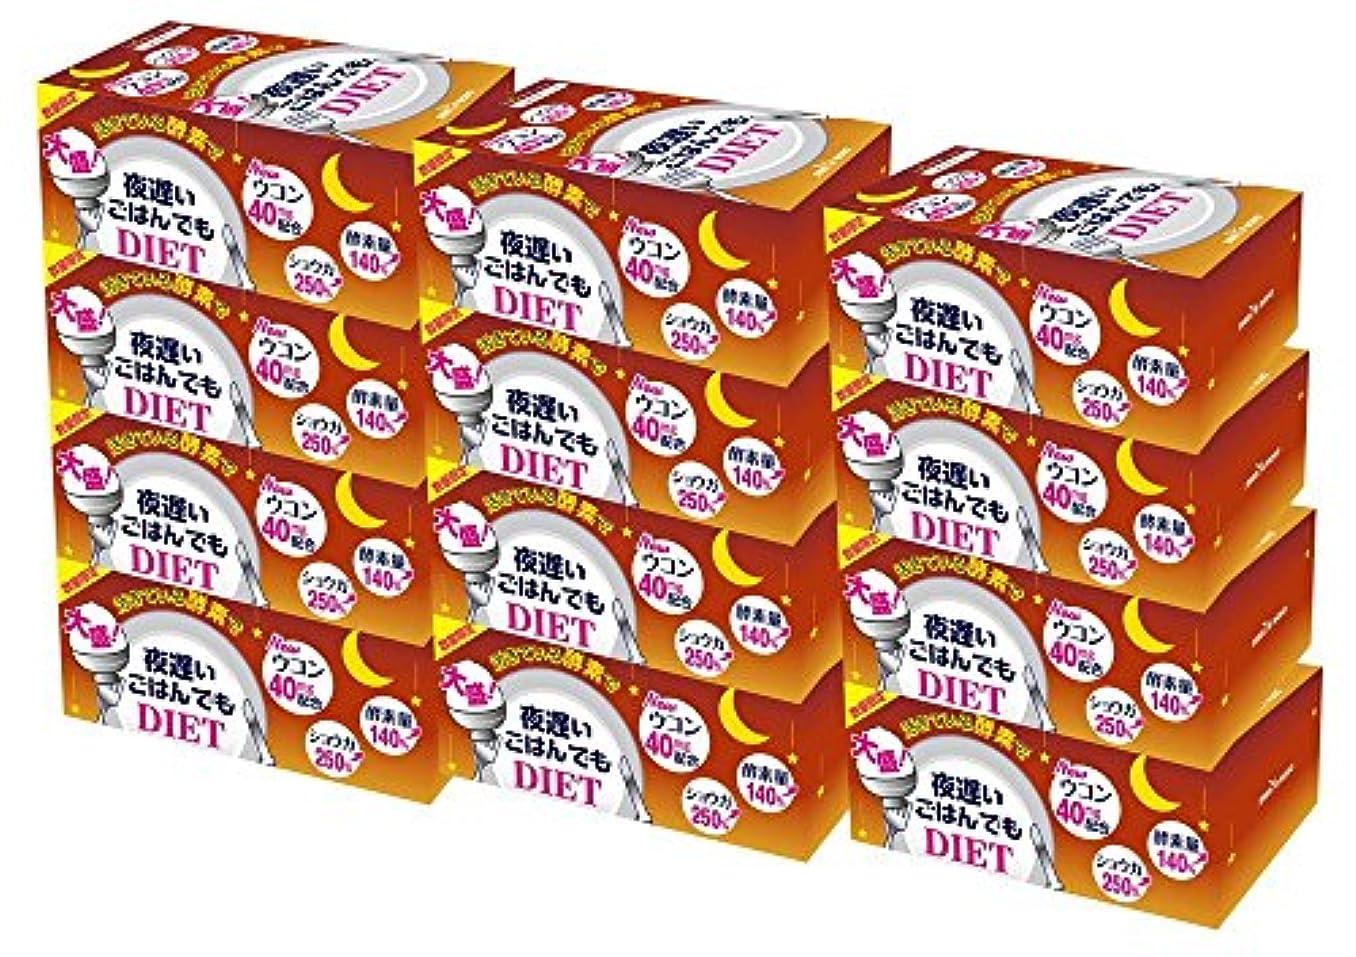 新谷酵素 夜遅いごはんでも 大盛 30日分 12箱 (12箱)